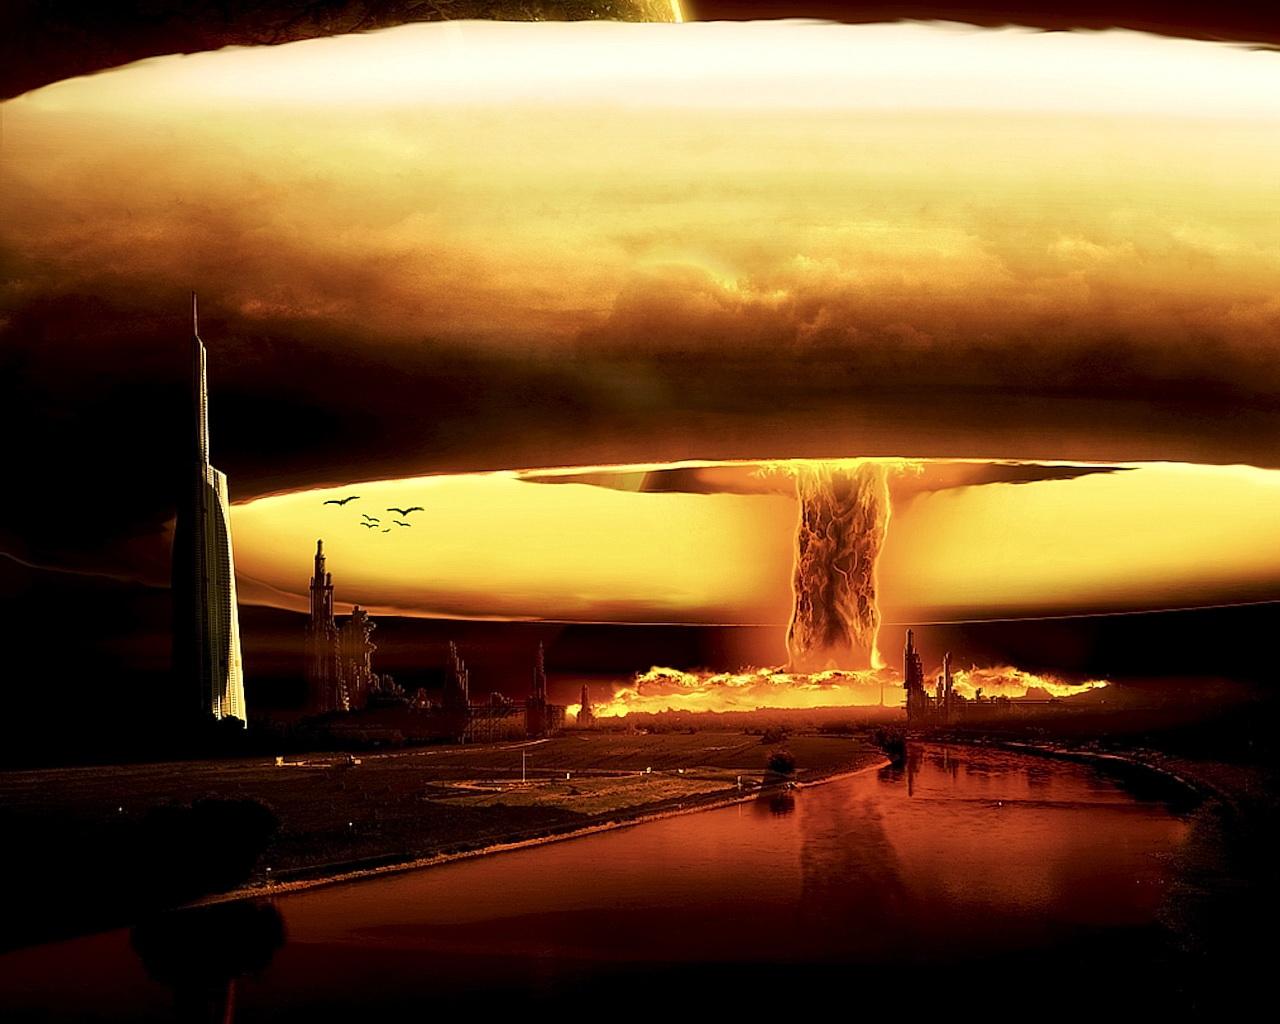 Continuacion del rol del cementerio [Ciudad] Photoshop_The_nuclear_explosion___bomb_011528_